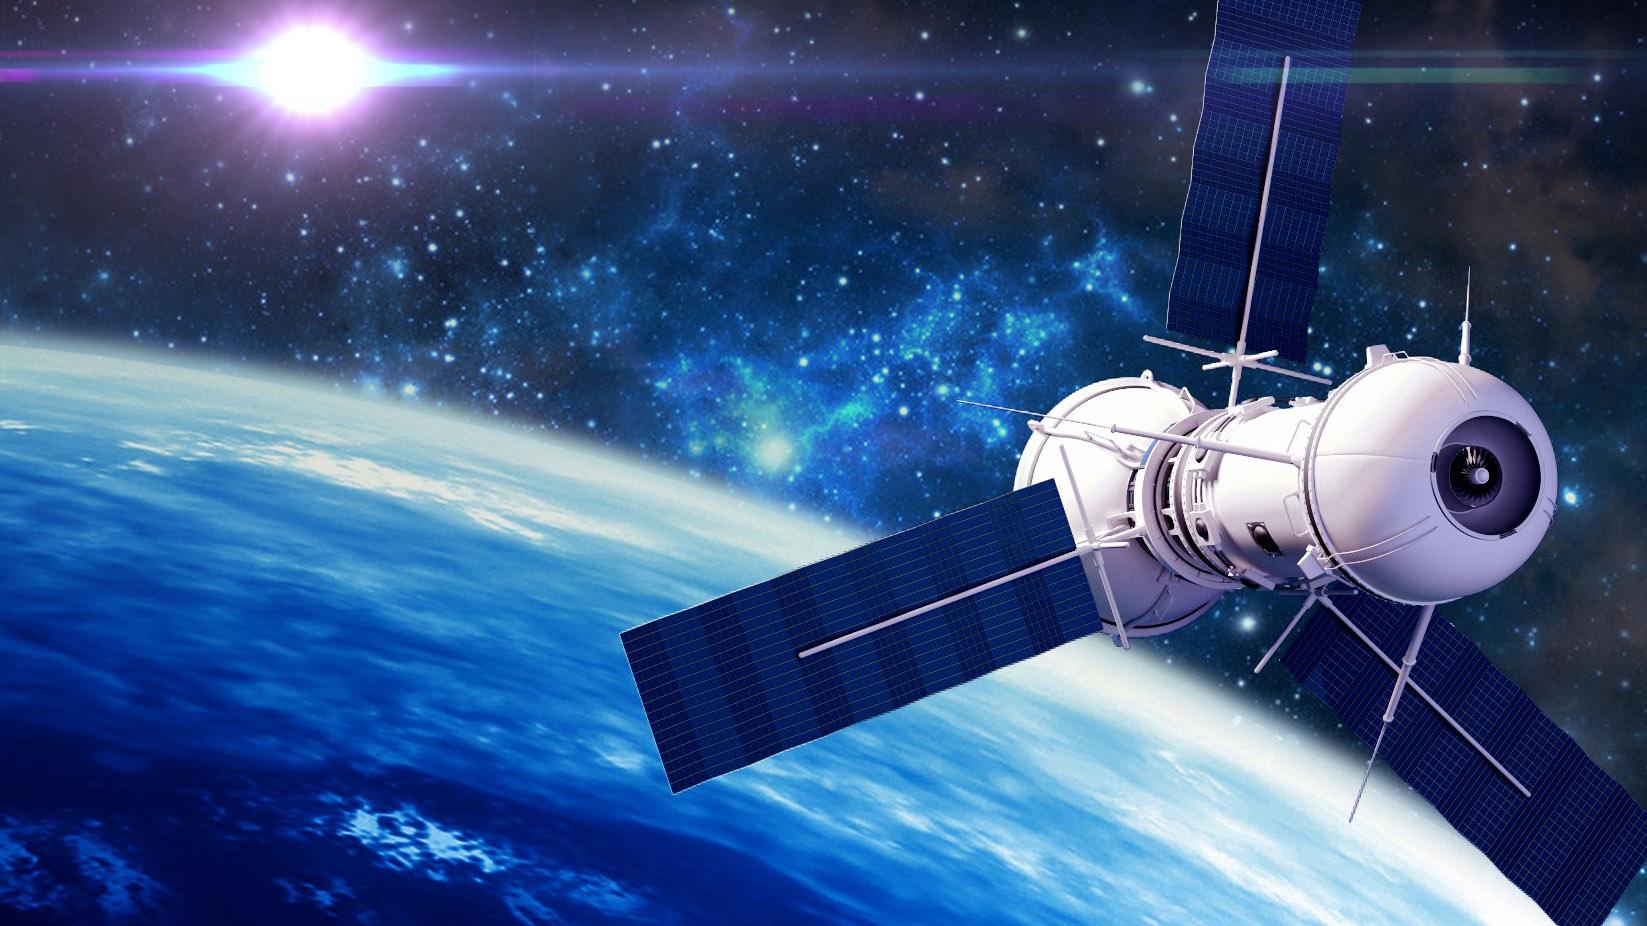 我国首个卫星物联网完成第一阶段建设,预计2023年实现全球覆盖